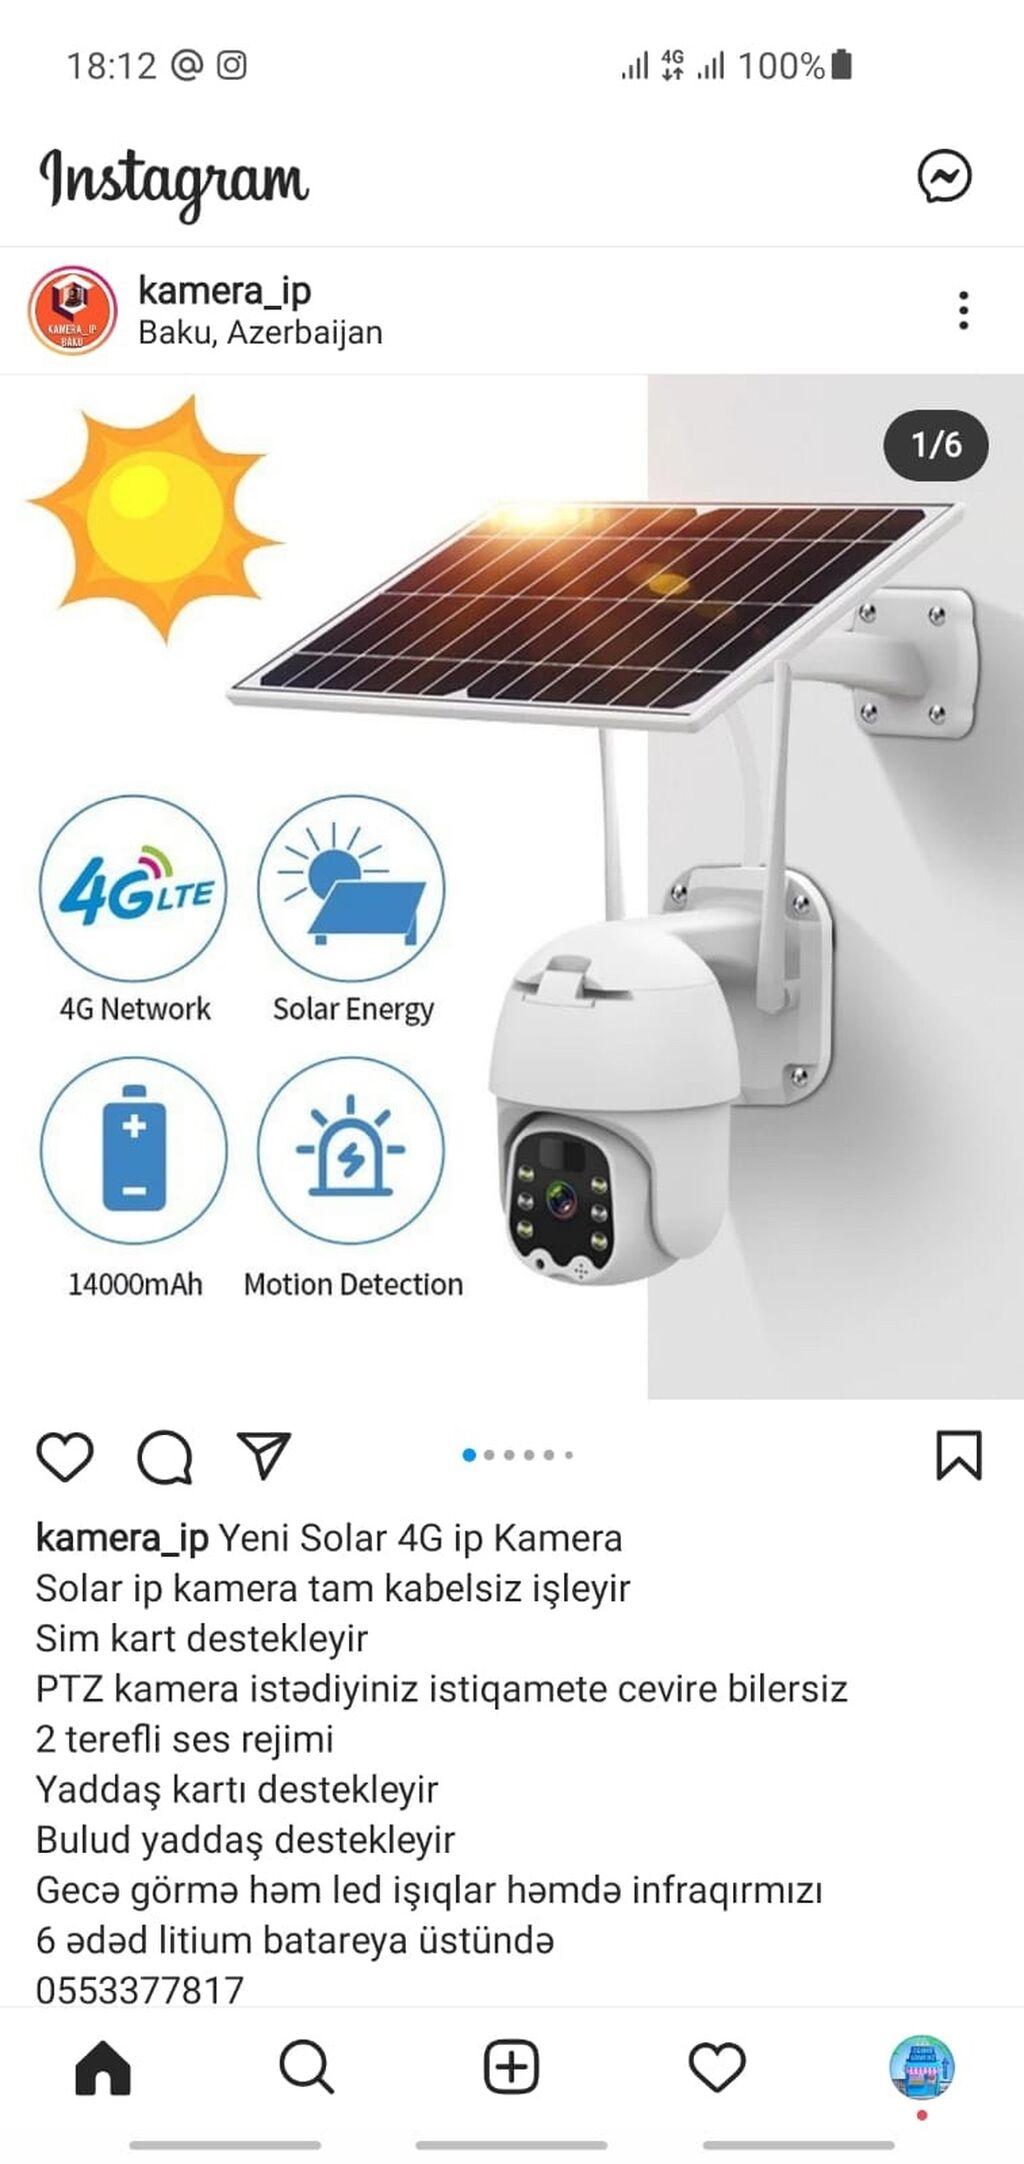 Solar 4G IP Kamera 1080HD (wifi camera) 📢Yeni Solar 4G IP Kamera 🎥Sola: Solar 4G IP Kamera 1080HD (wifi camera) 📢Yeni Solar 4G IP Kamera 🎥Sola